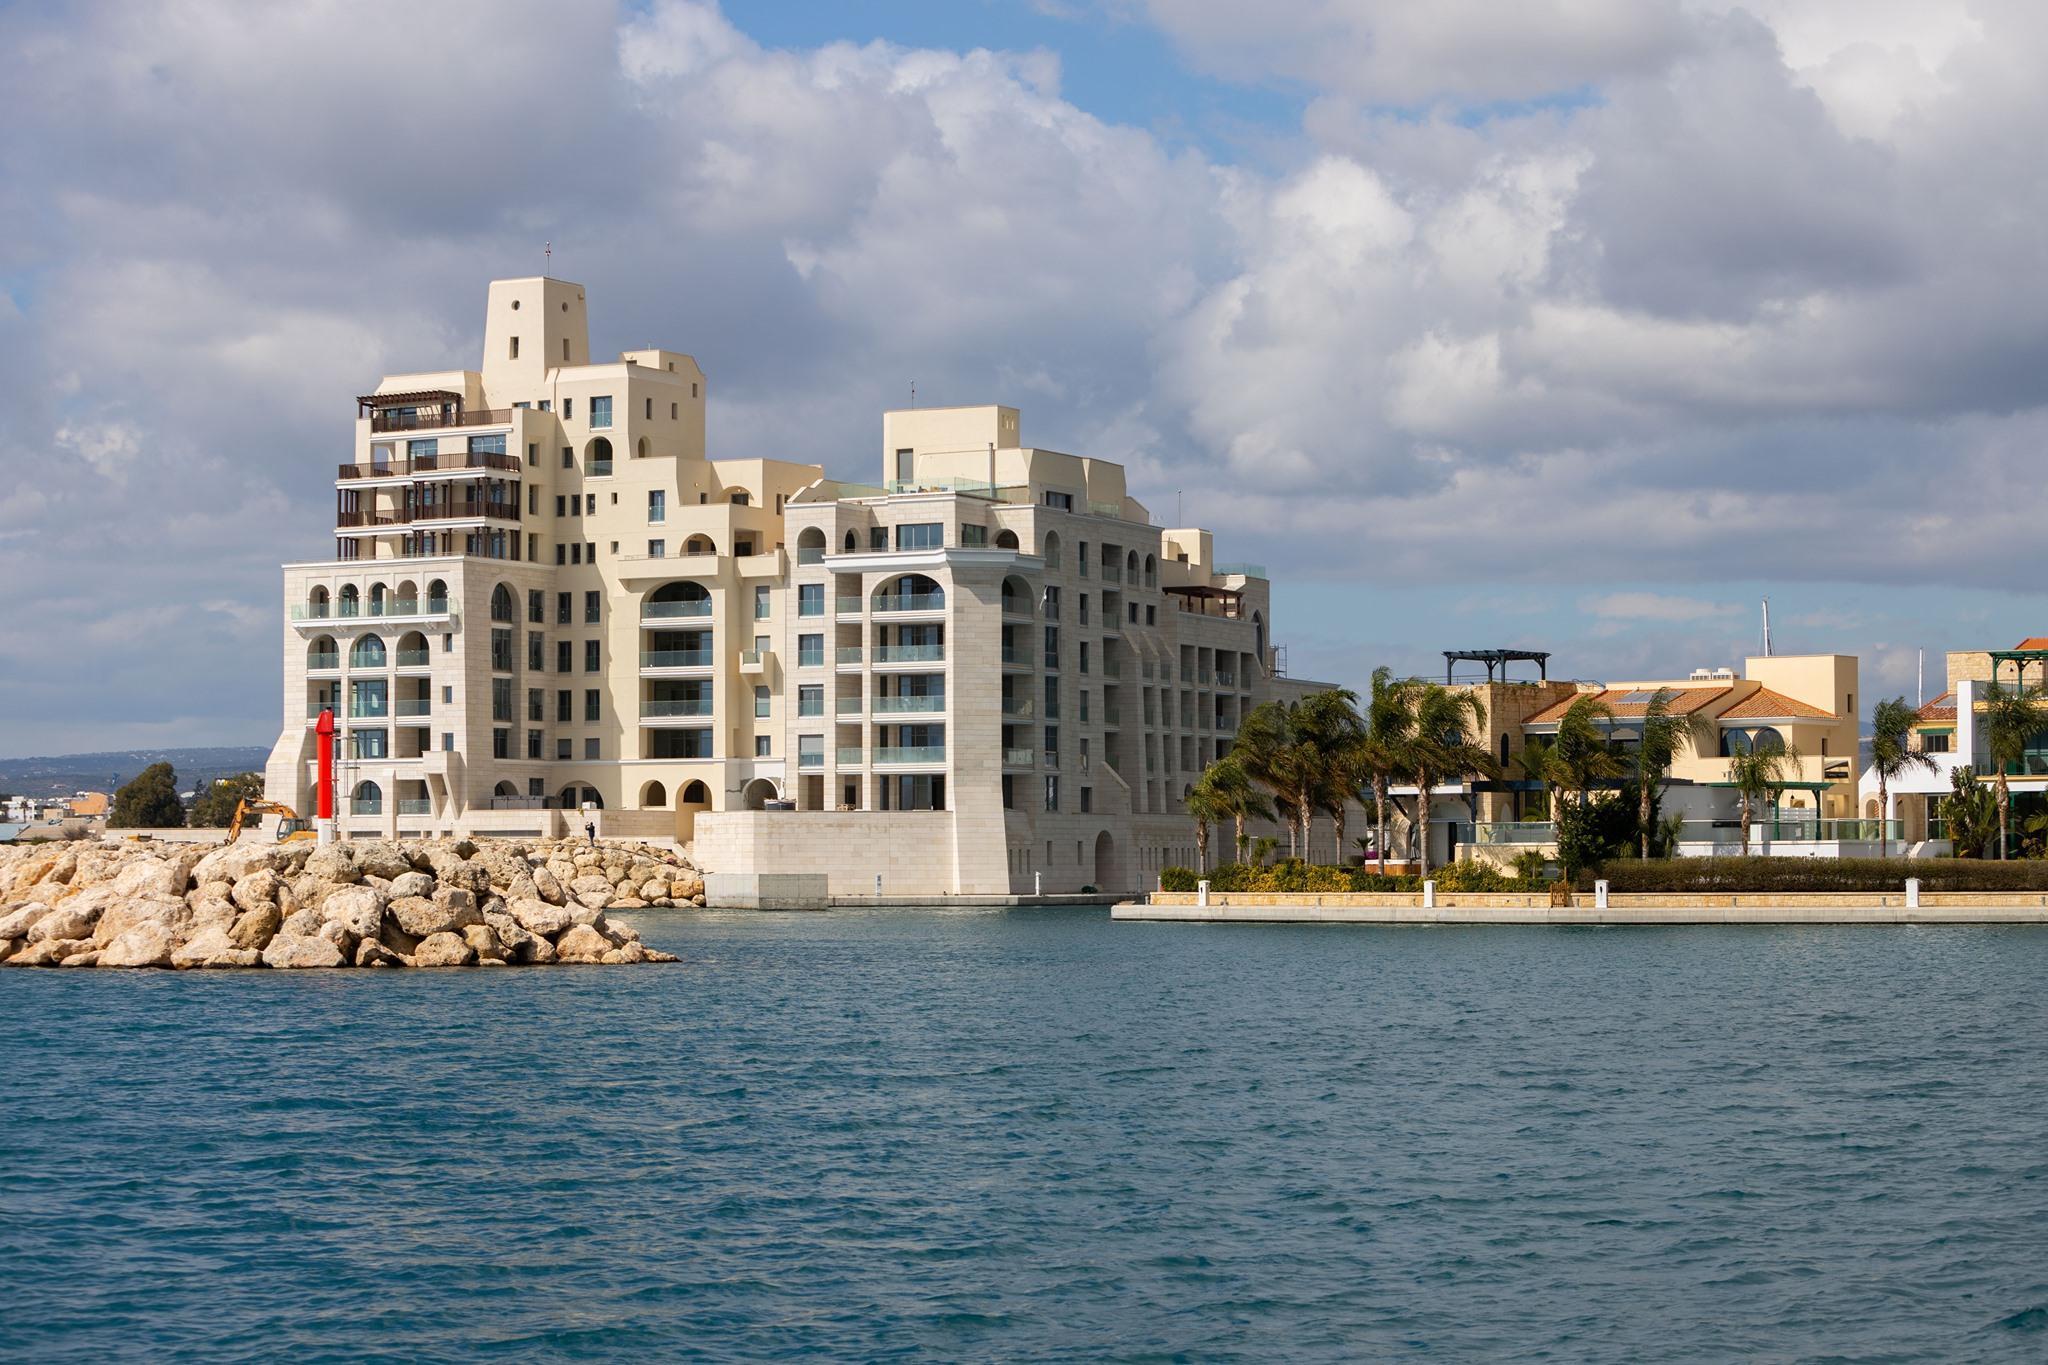 В гавани Лимассола завершилось строительство элитного комплекса Castle Residences